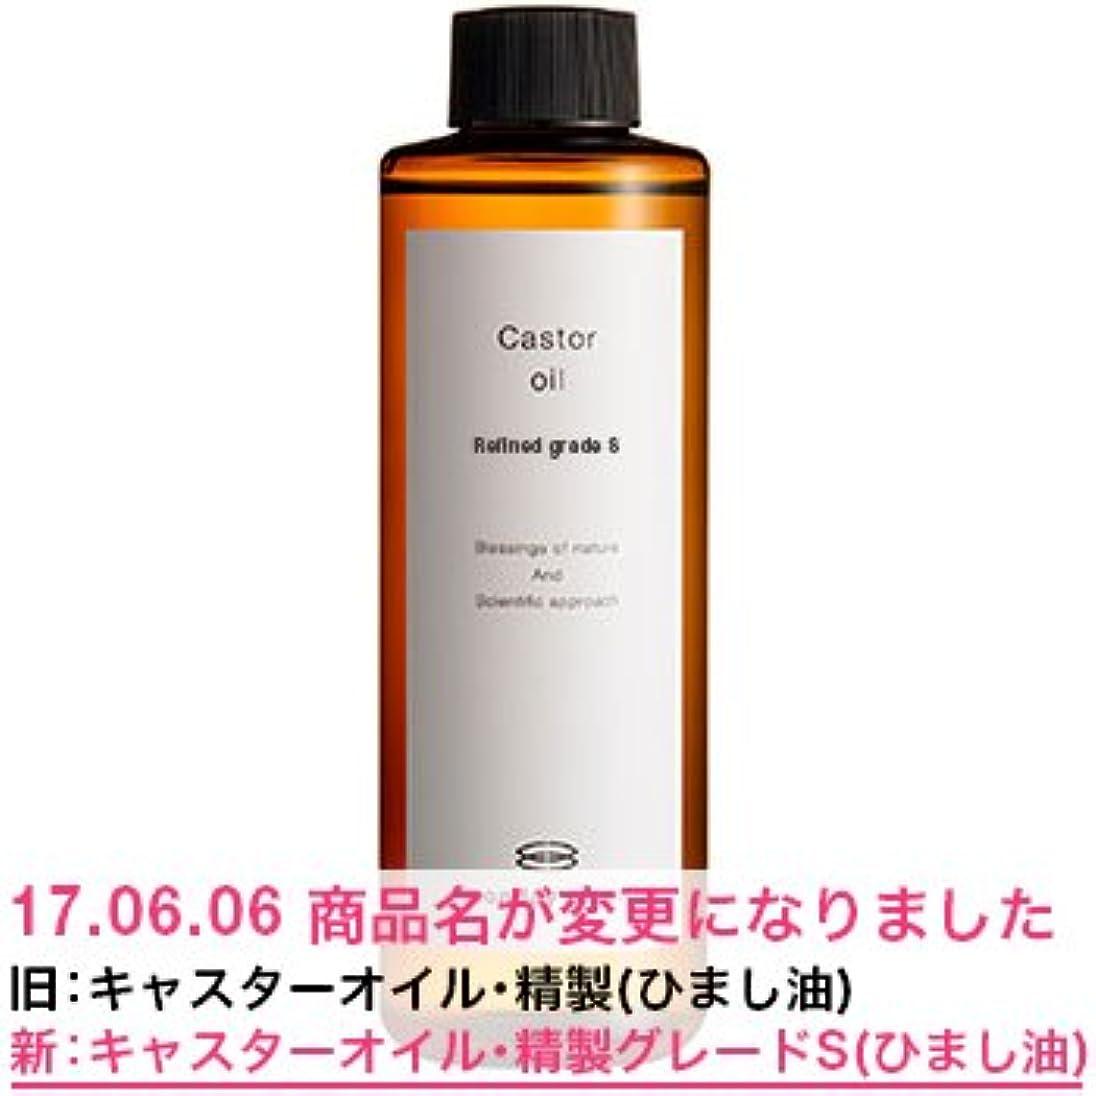 監督する影響力のある圧縮キャスターオイル?精製グレードS(ひまし油)/200ml